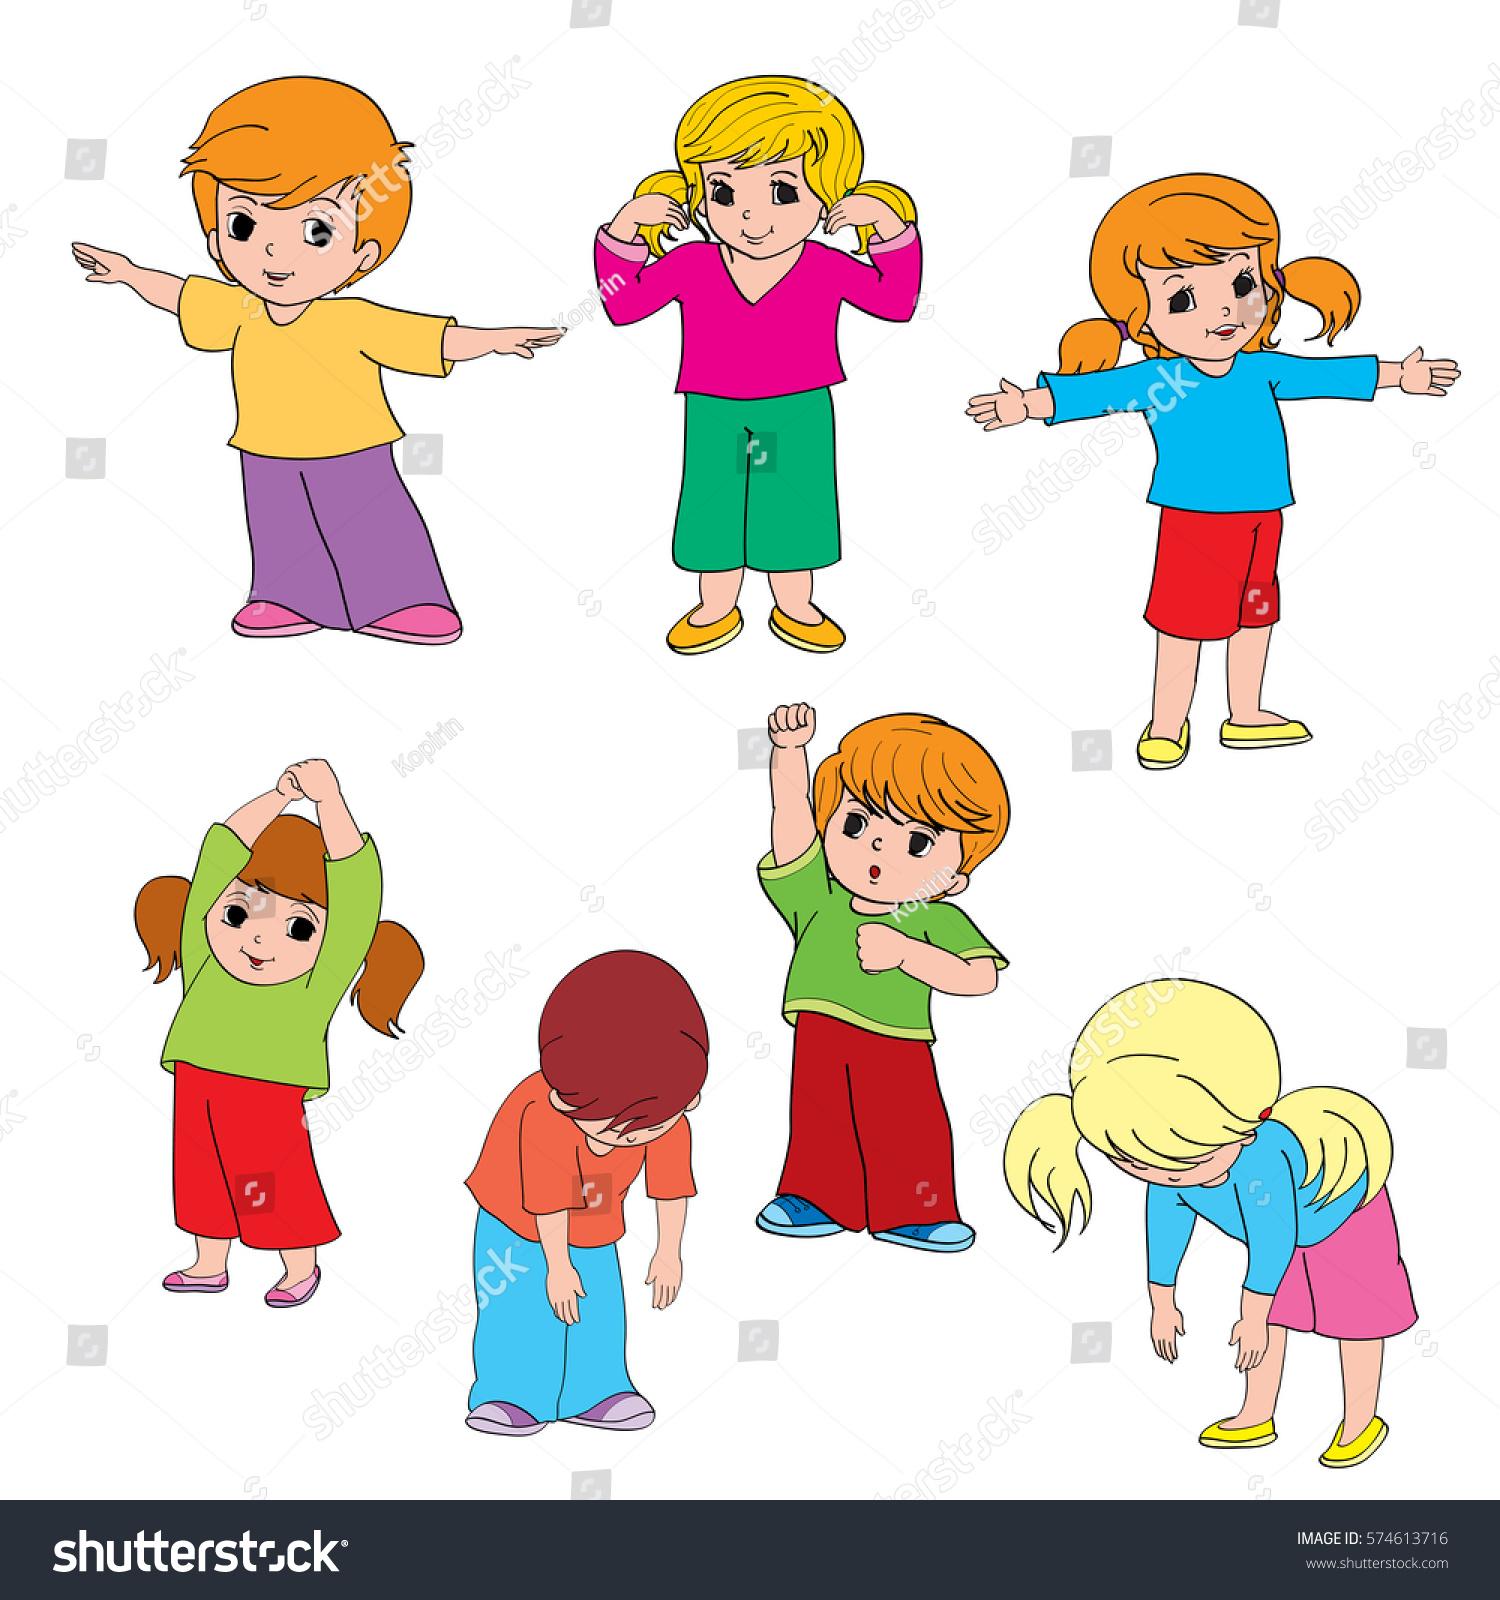 Children Doing Morning Exercises Stock Vector Royalty Free 574613716